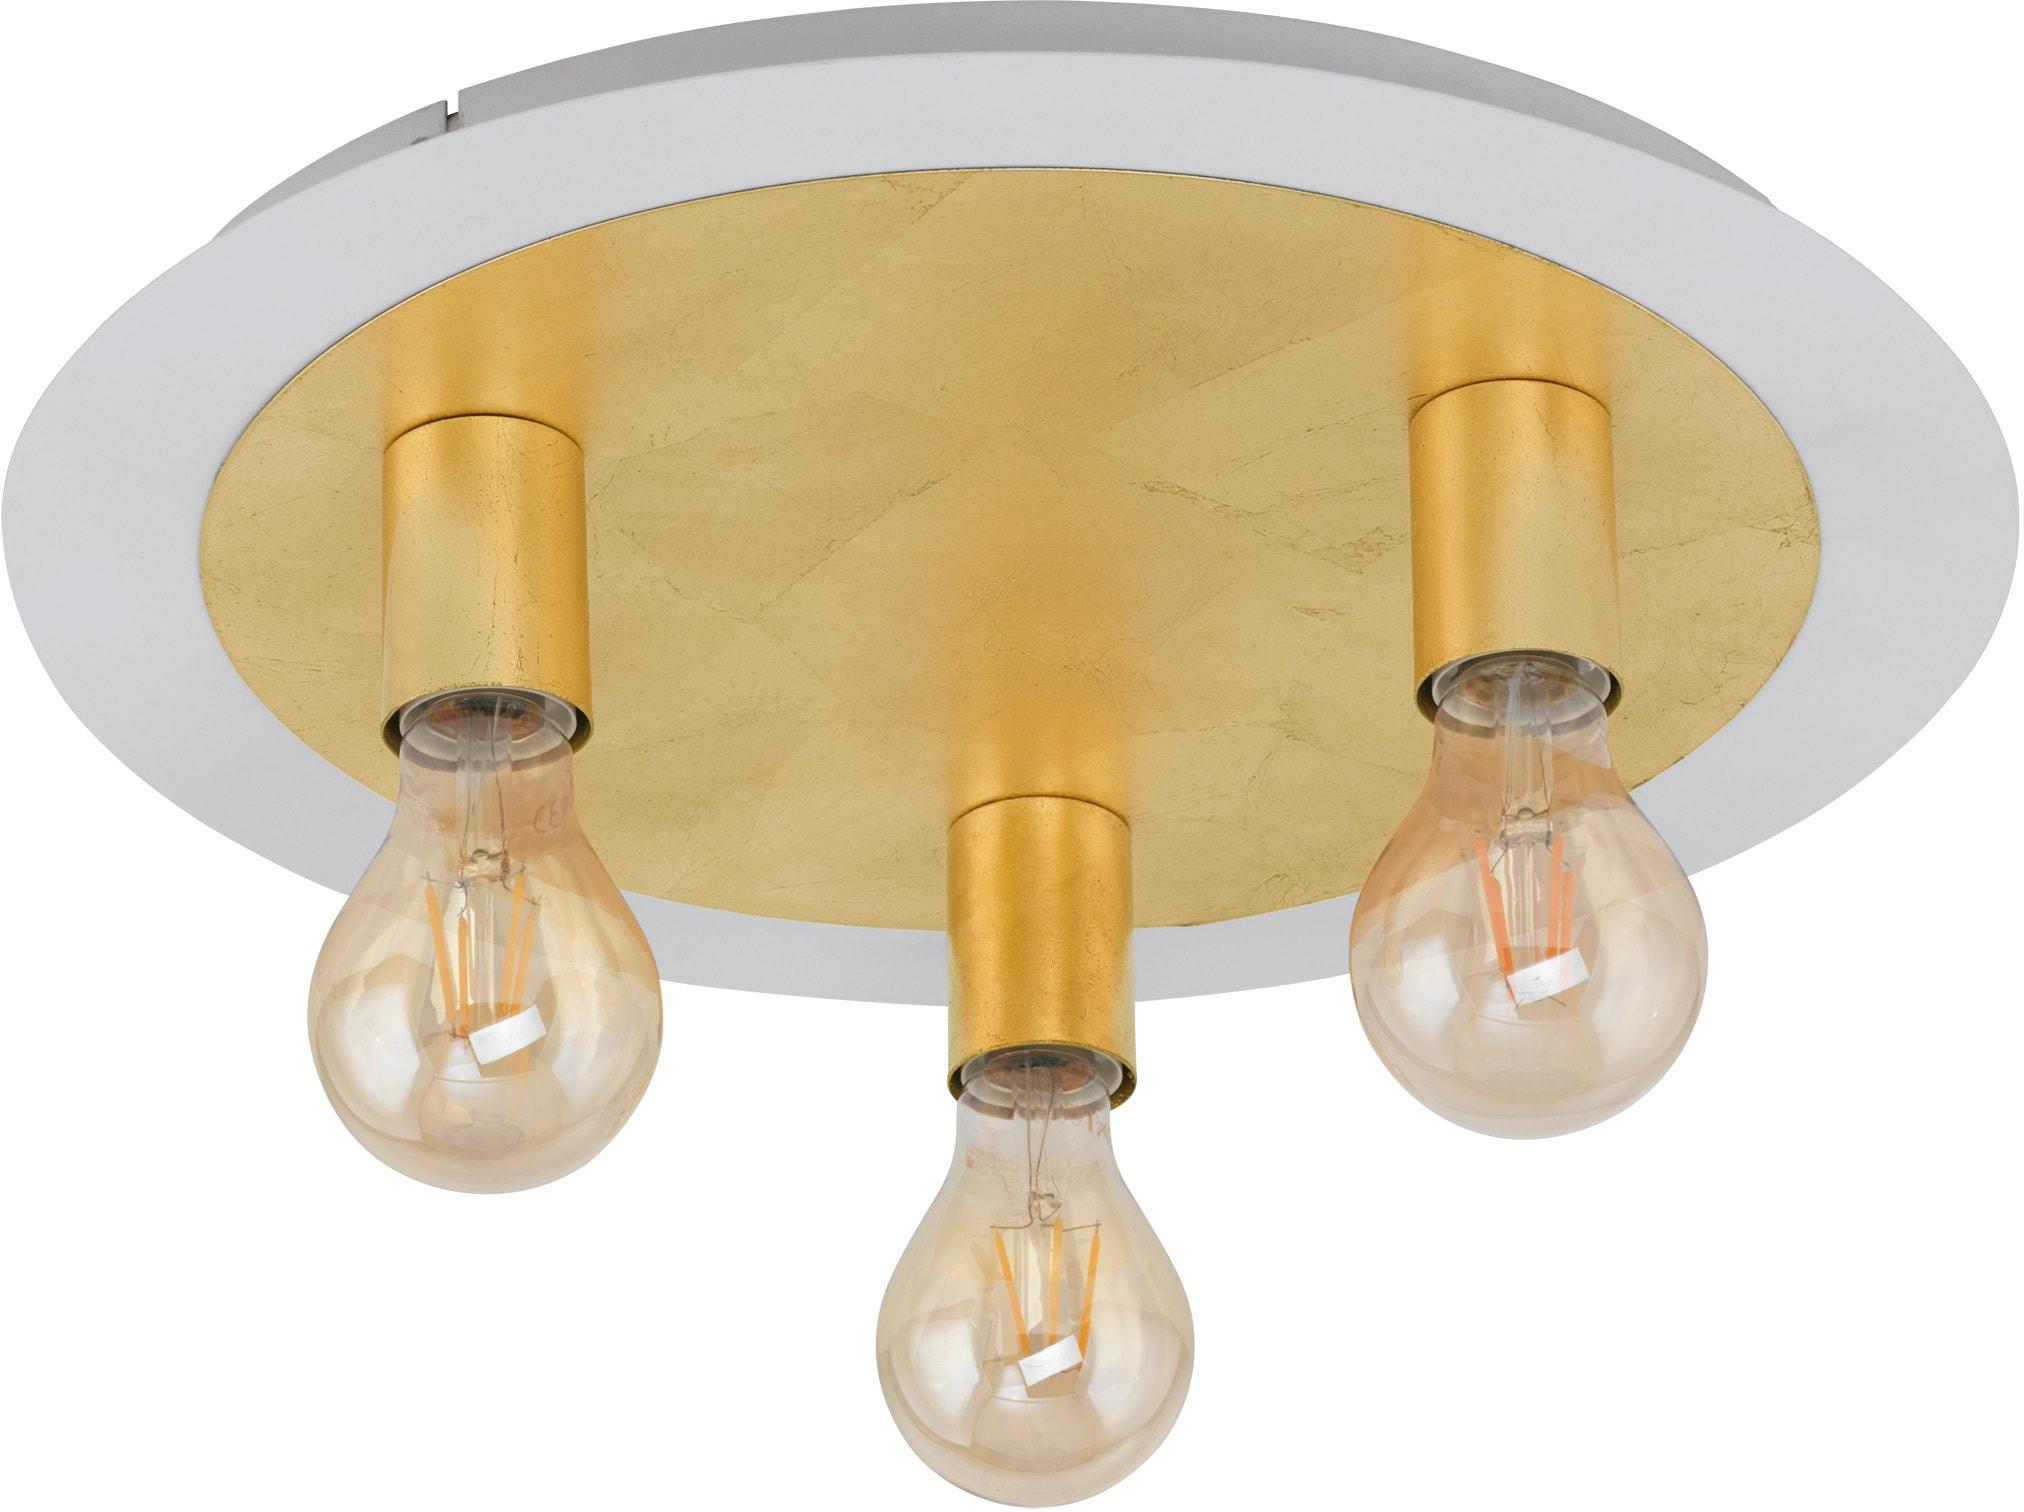 EGLO Deckenleuchte PASSANO, E27, Warmweiß, Deckenlampe